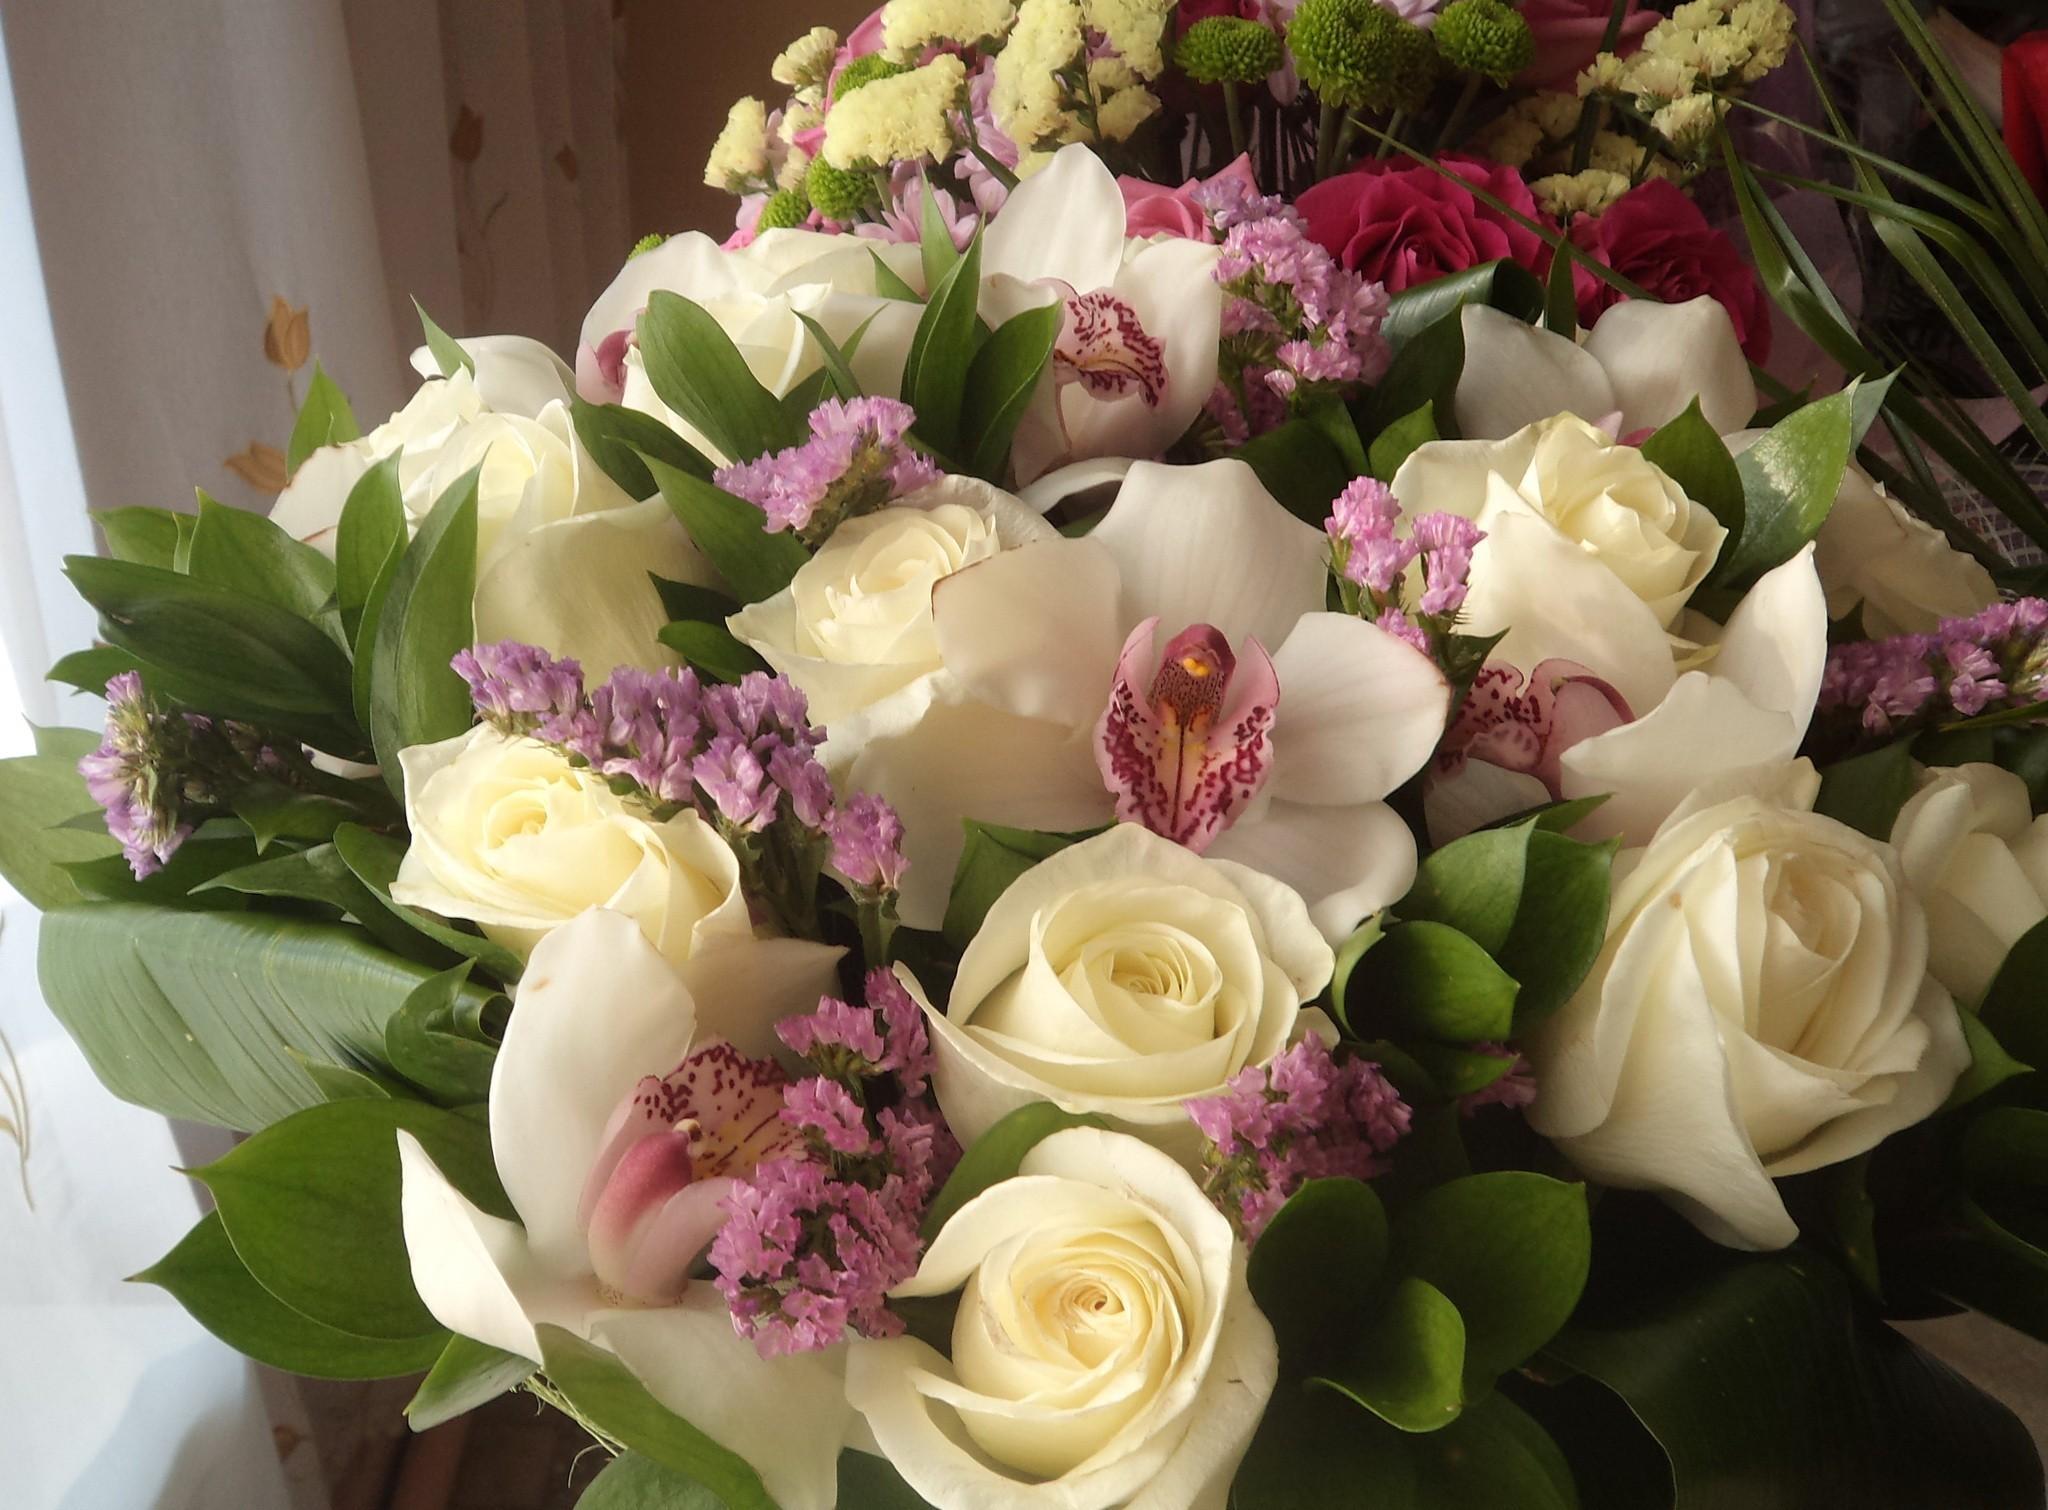 137104 скачать обои Розы, Цветы, Листья, Букет, Орхидеи, Красиво - заставки и картинки бесплатно